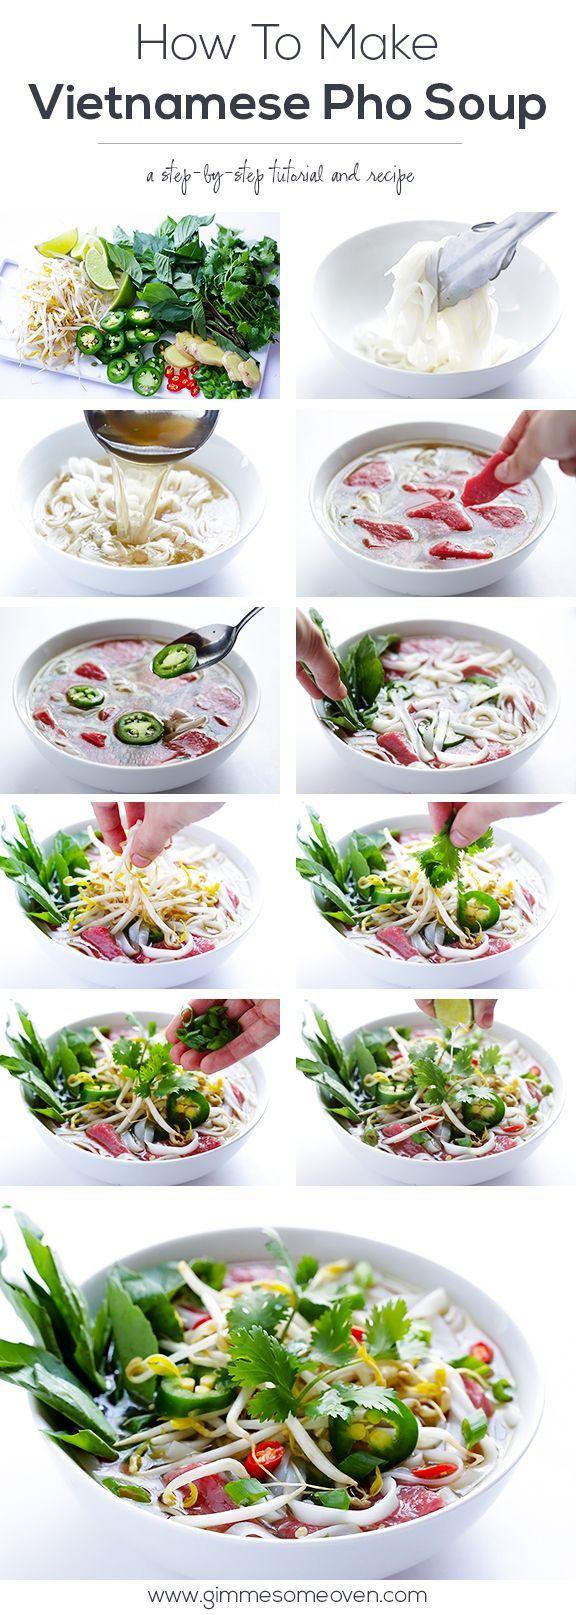 Vietnamese Pho Soup Recipe - so easy to make homemade! | gimmesomeoven.com #soup